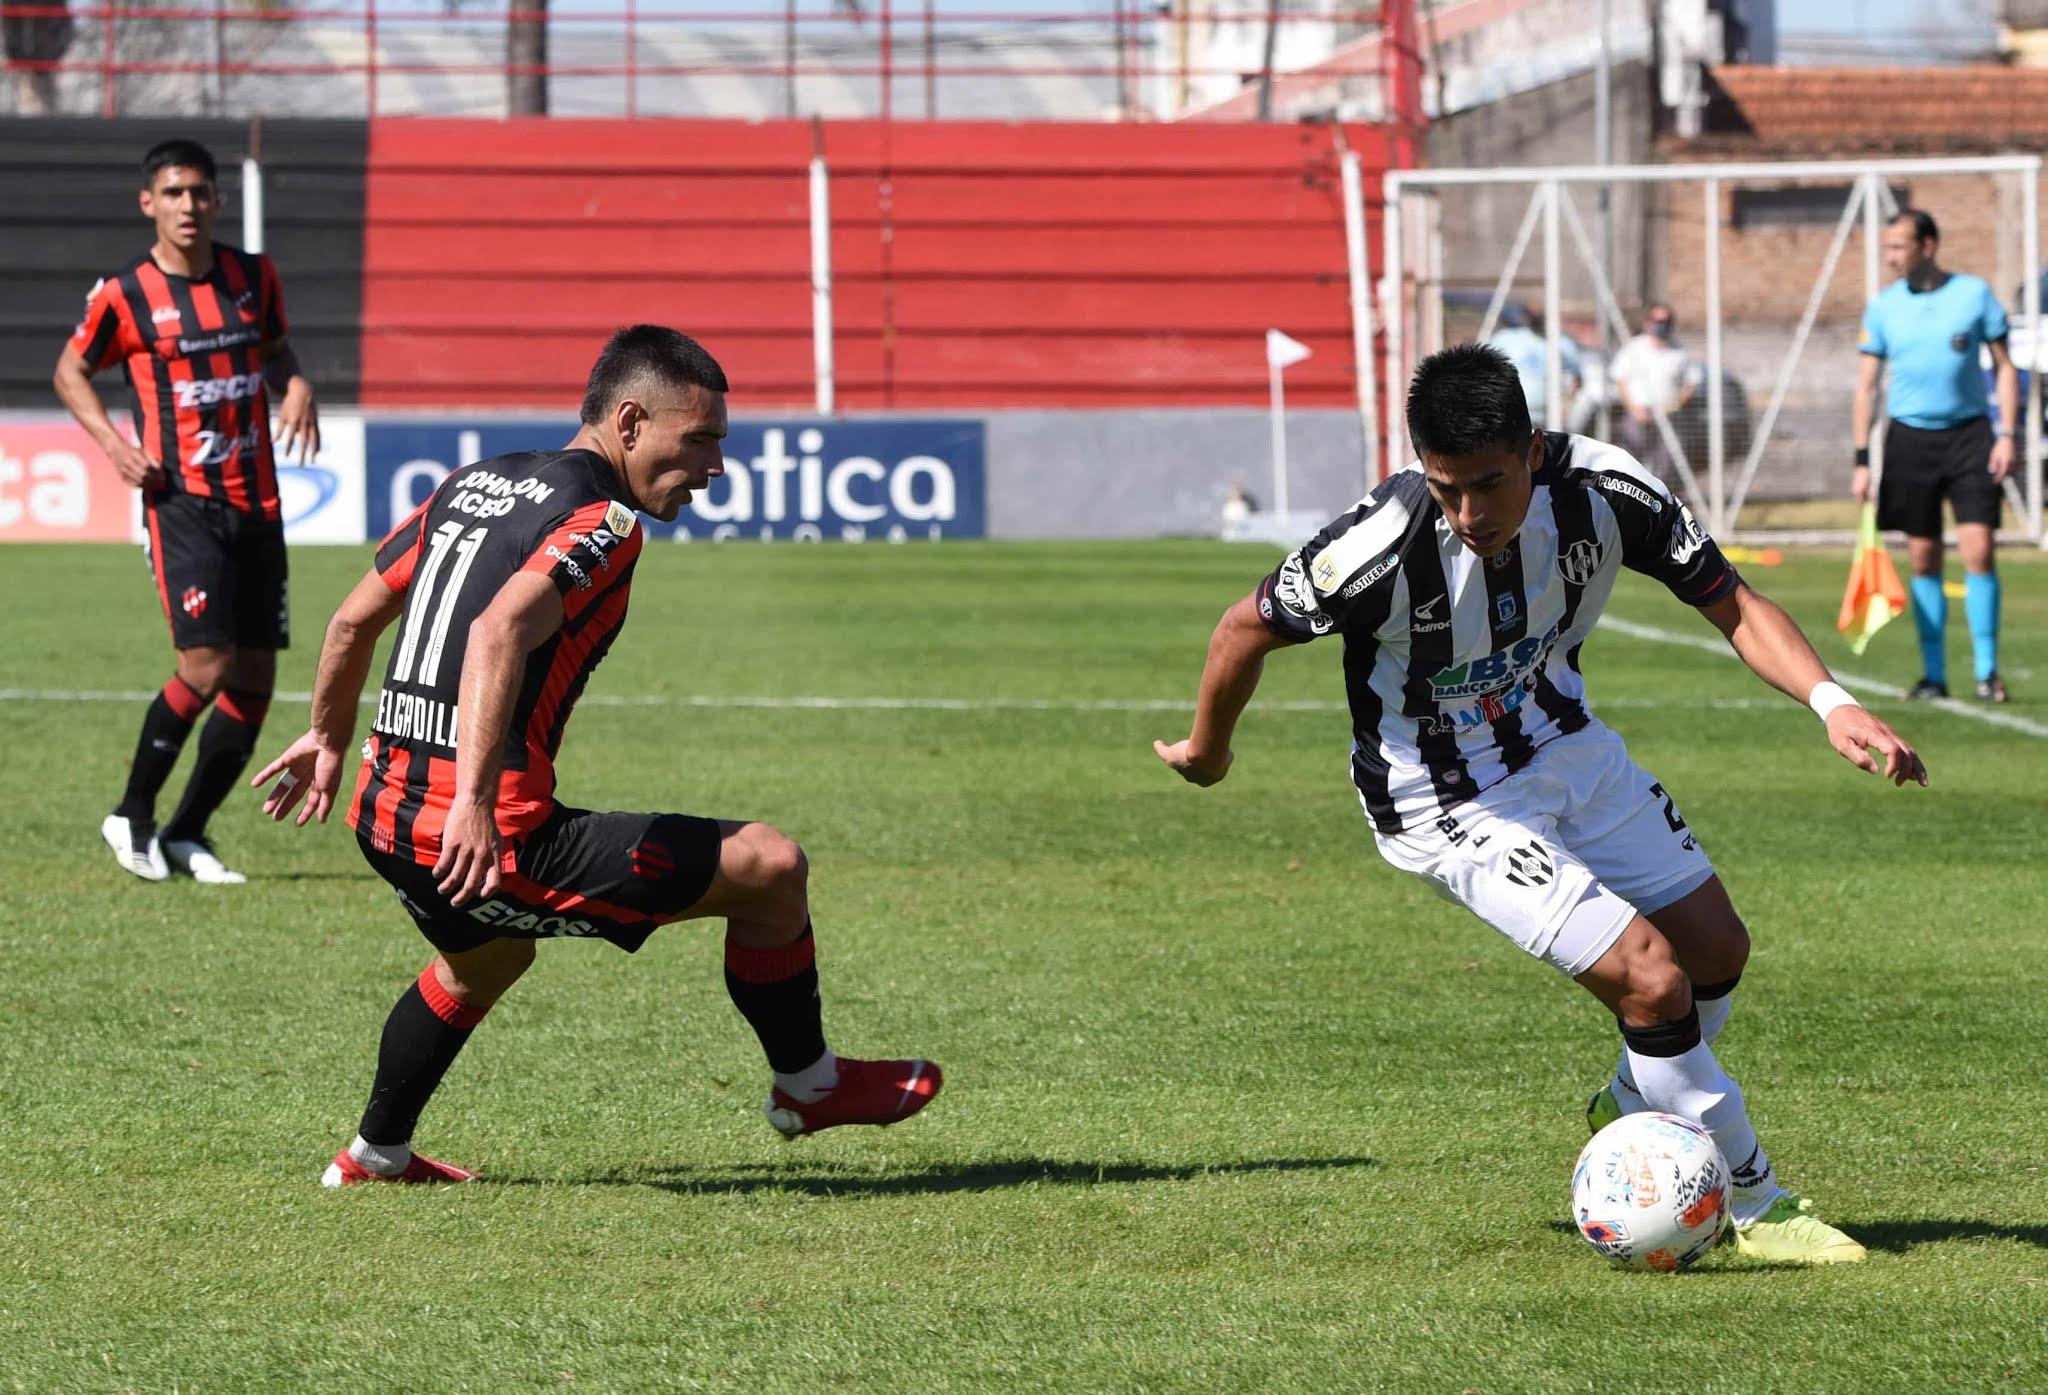 Patronato ganó y quedó tercero en el torneo de la Liga Profesional